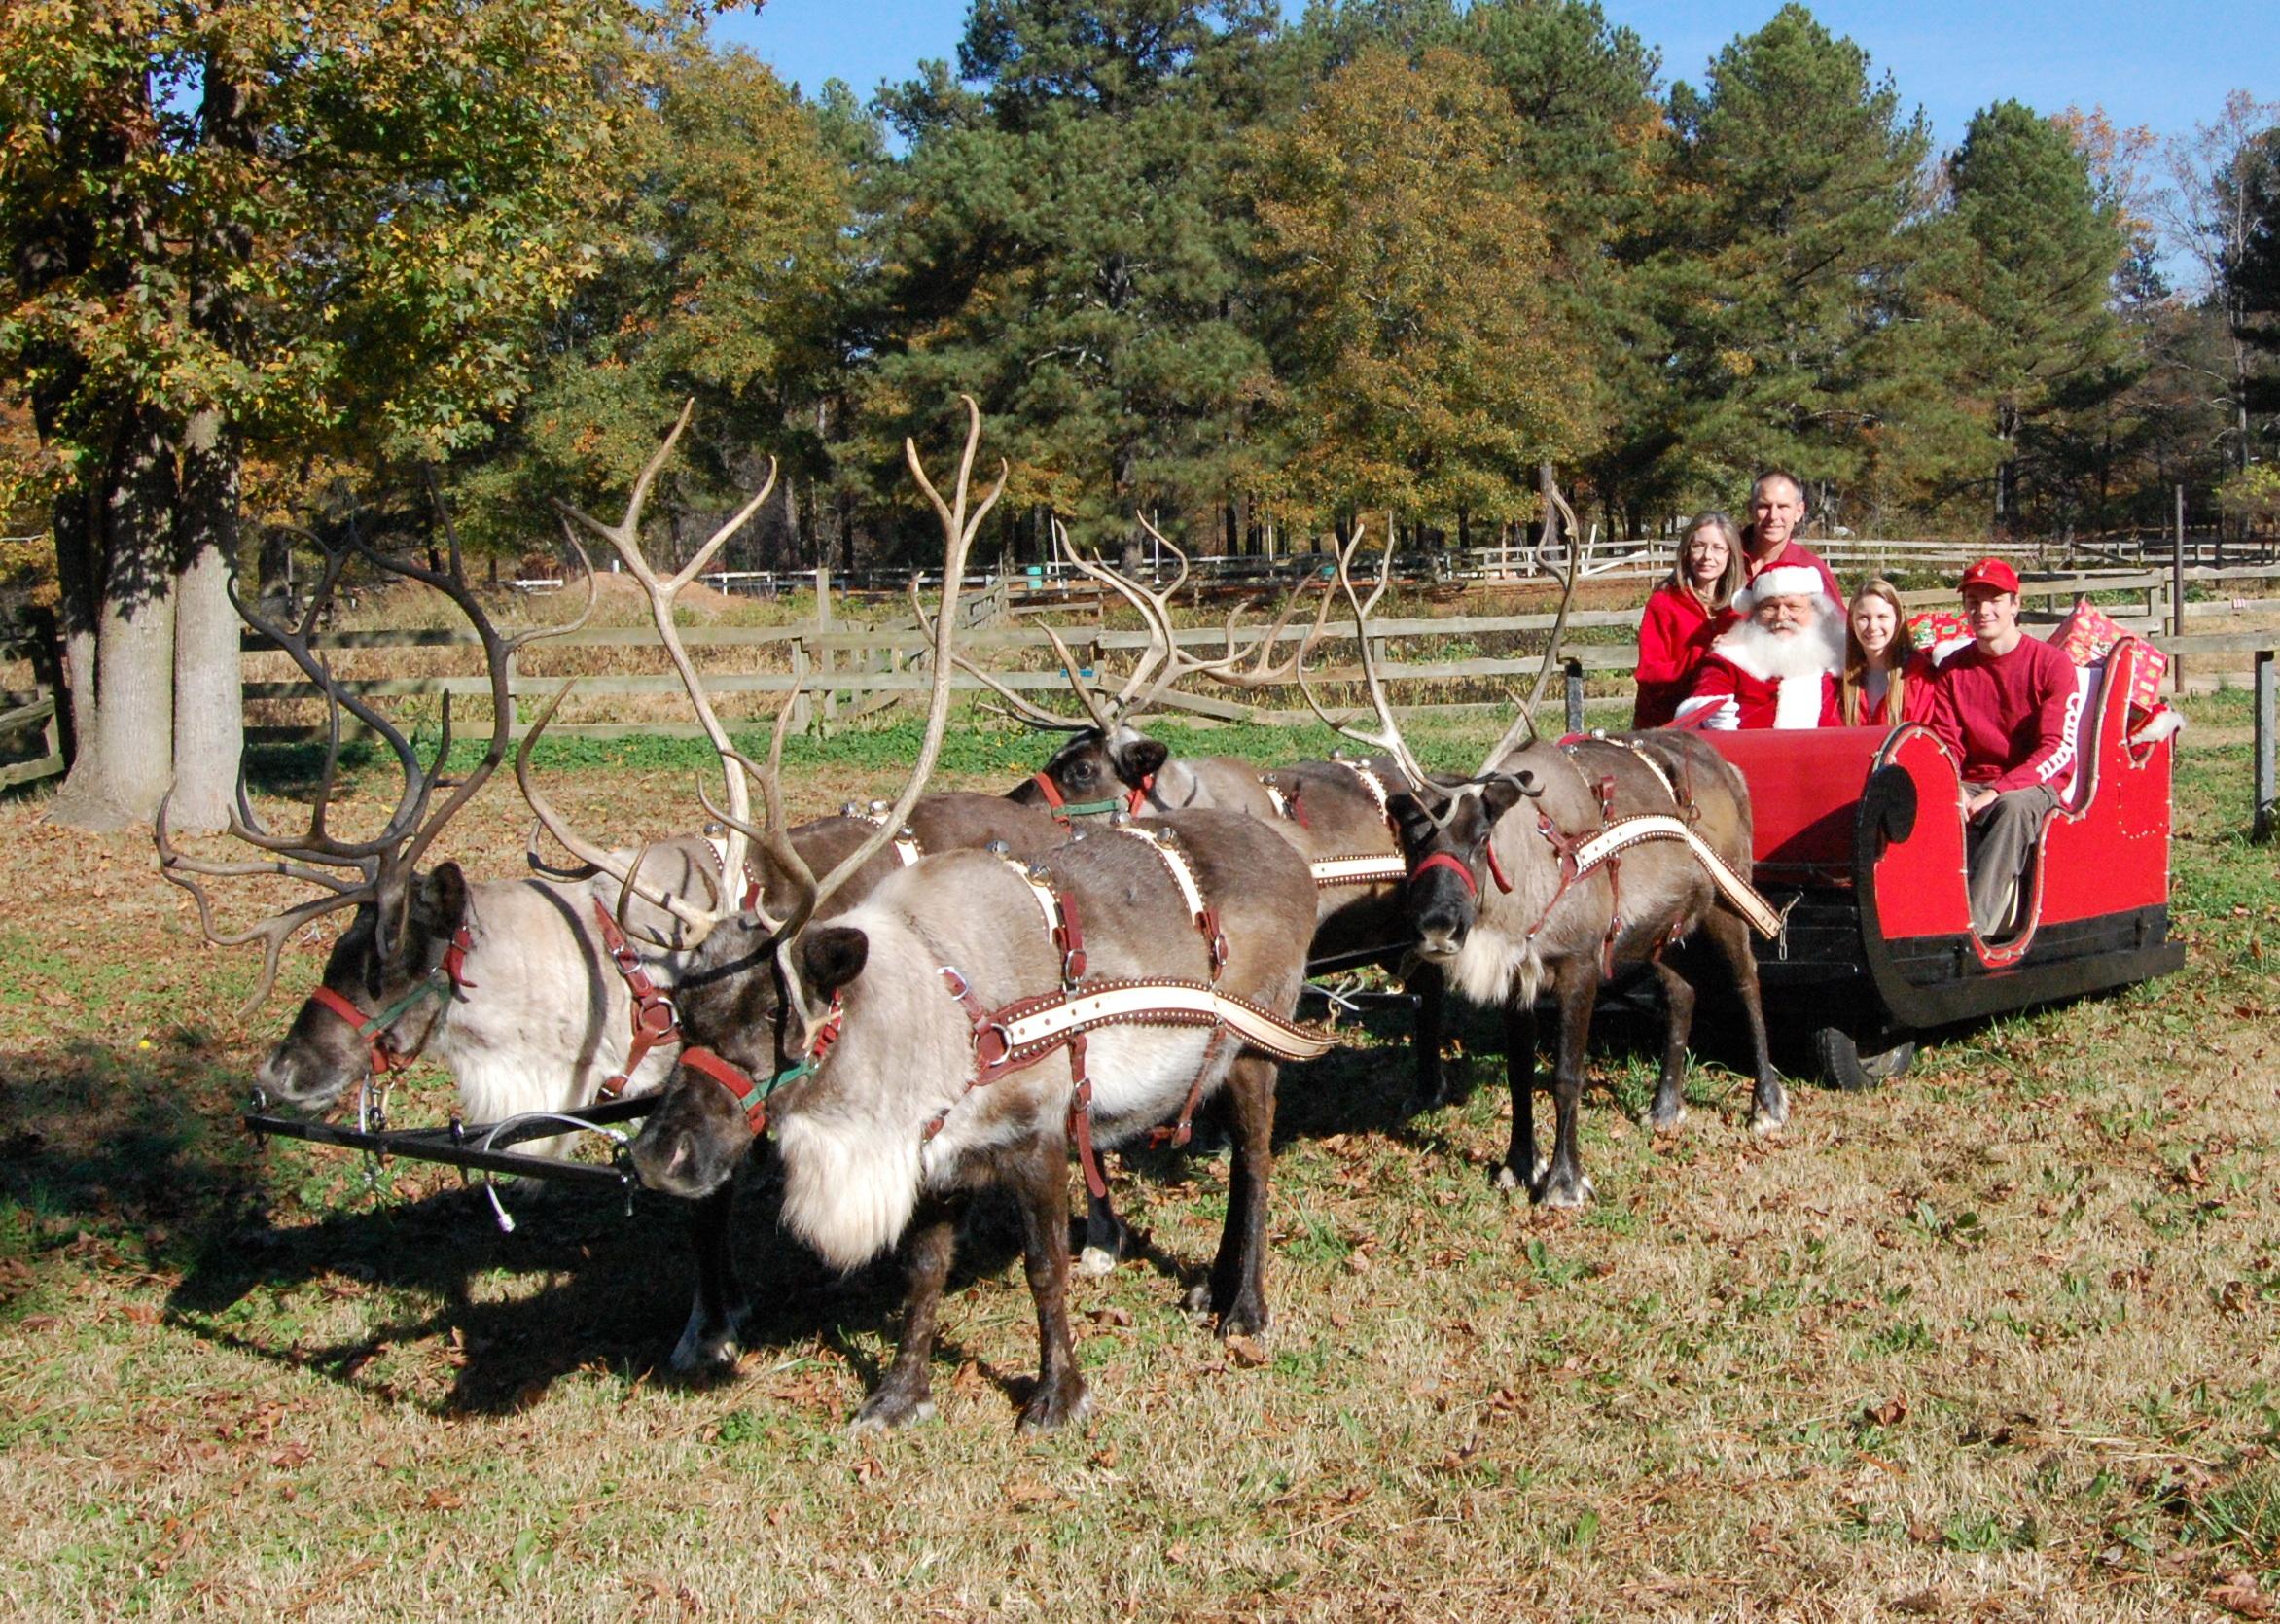 Santa And His Reindeer Welcome The Holiday Season At Barnsley Gardens Resort Barnsley Gardens